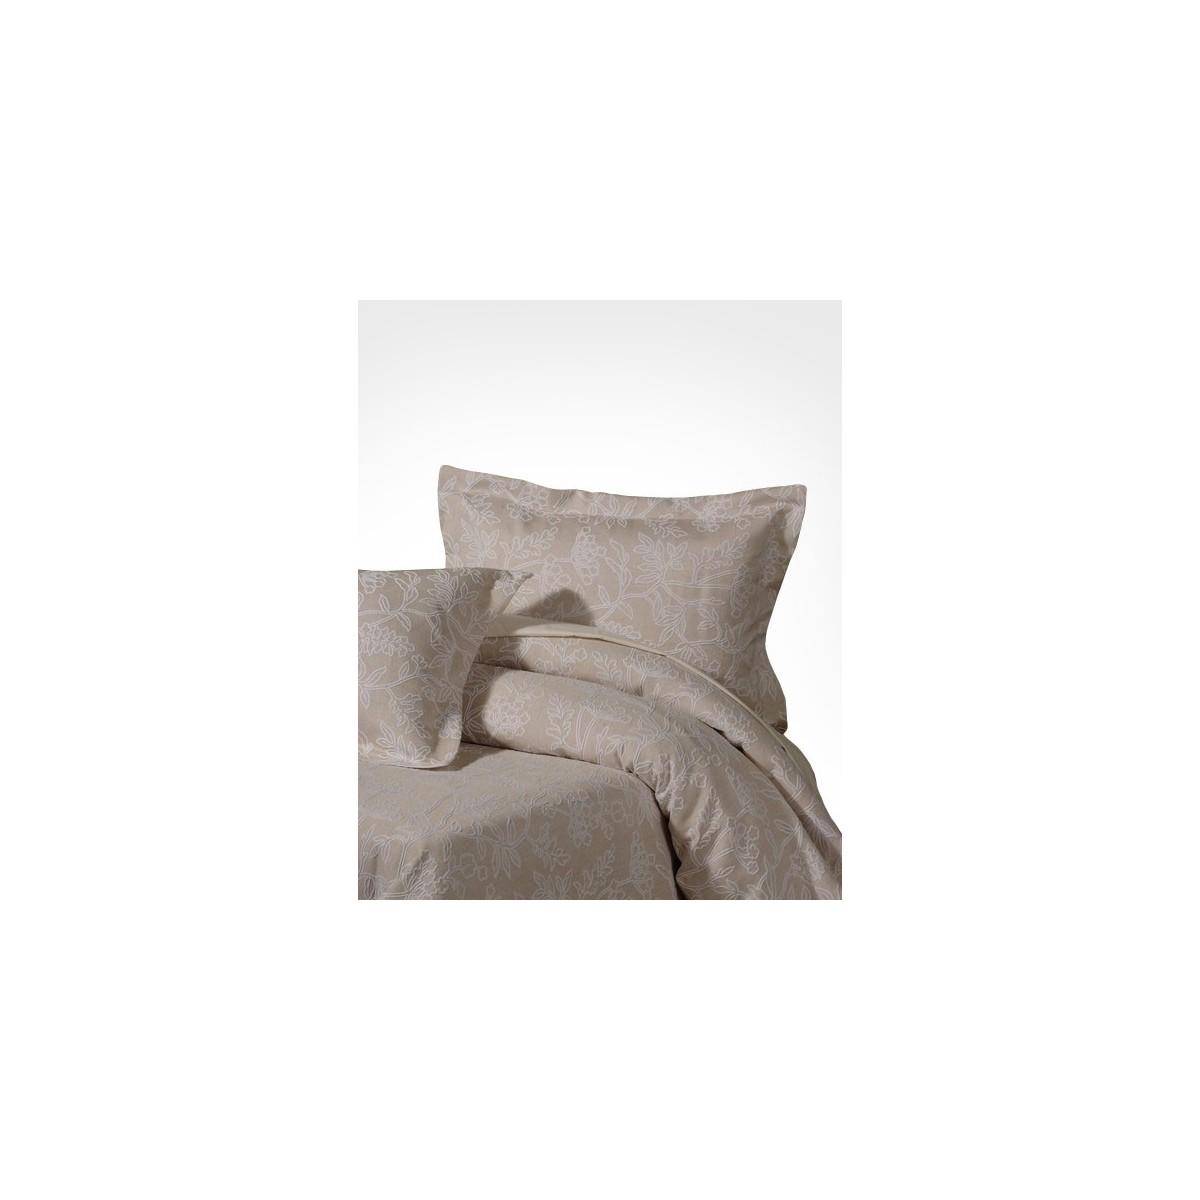 Arley - Woven Duvet Cover